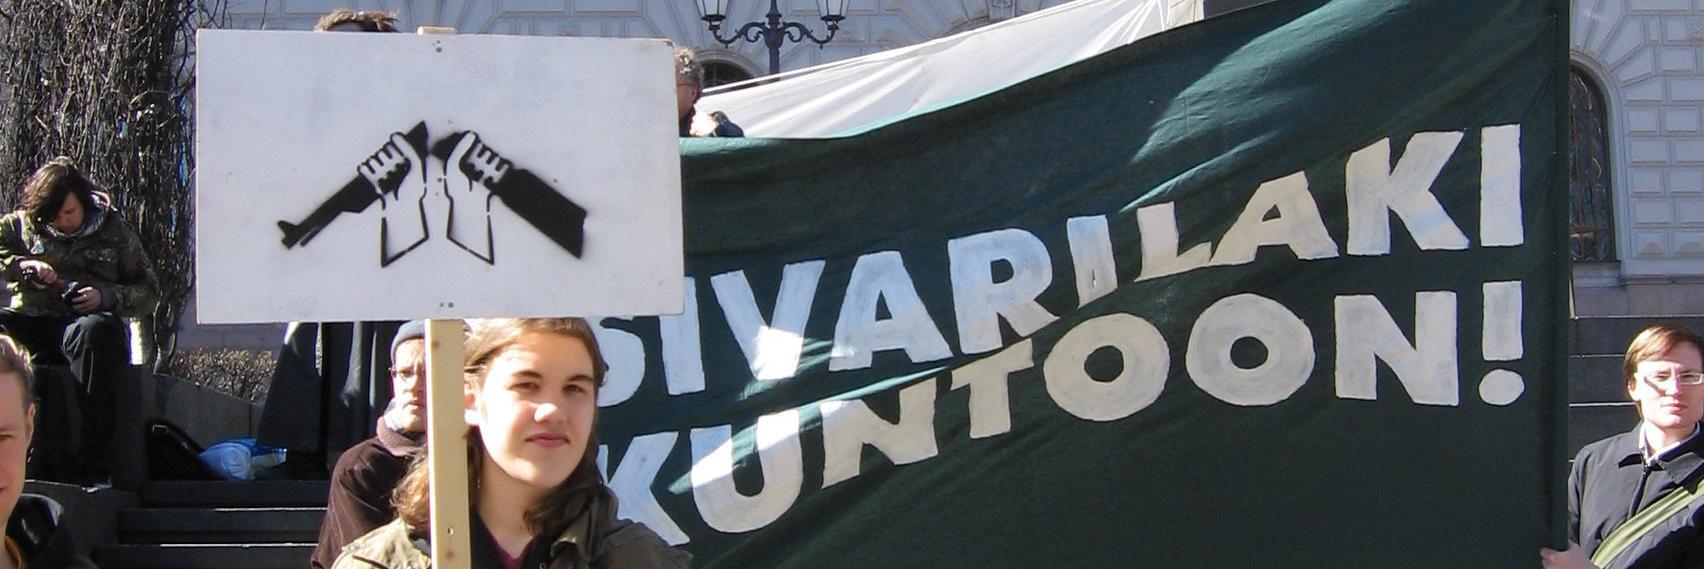 Mielenosoittaja kantaa plakaatia, jossa on kuvattuna katkaistu kivääri. Taustalla banderolli: Sivarilaki kuntoon.